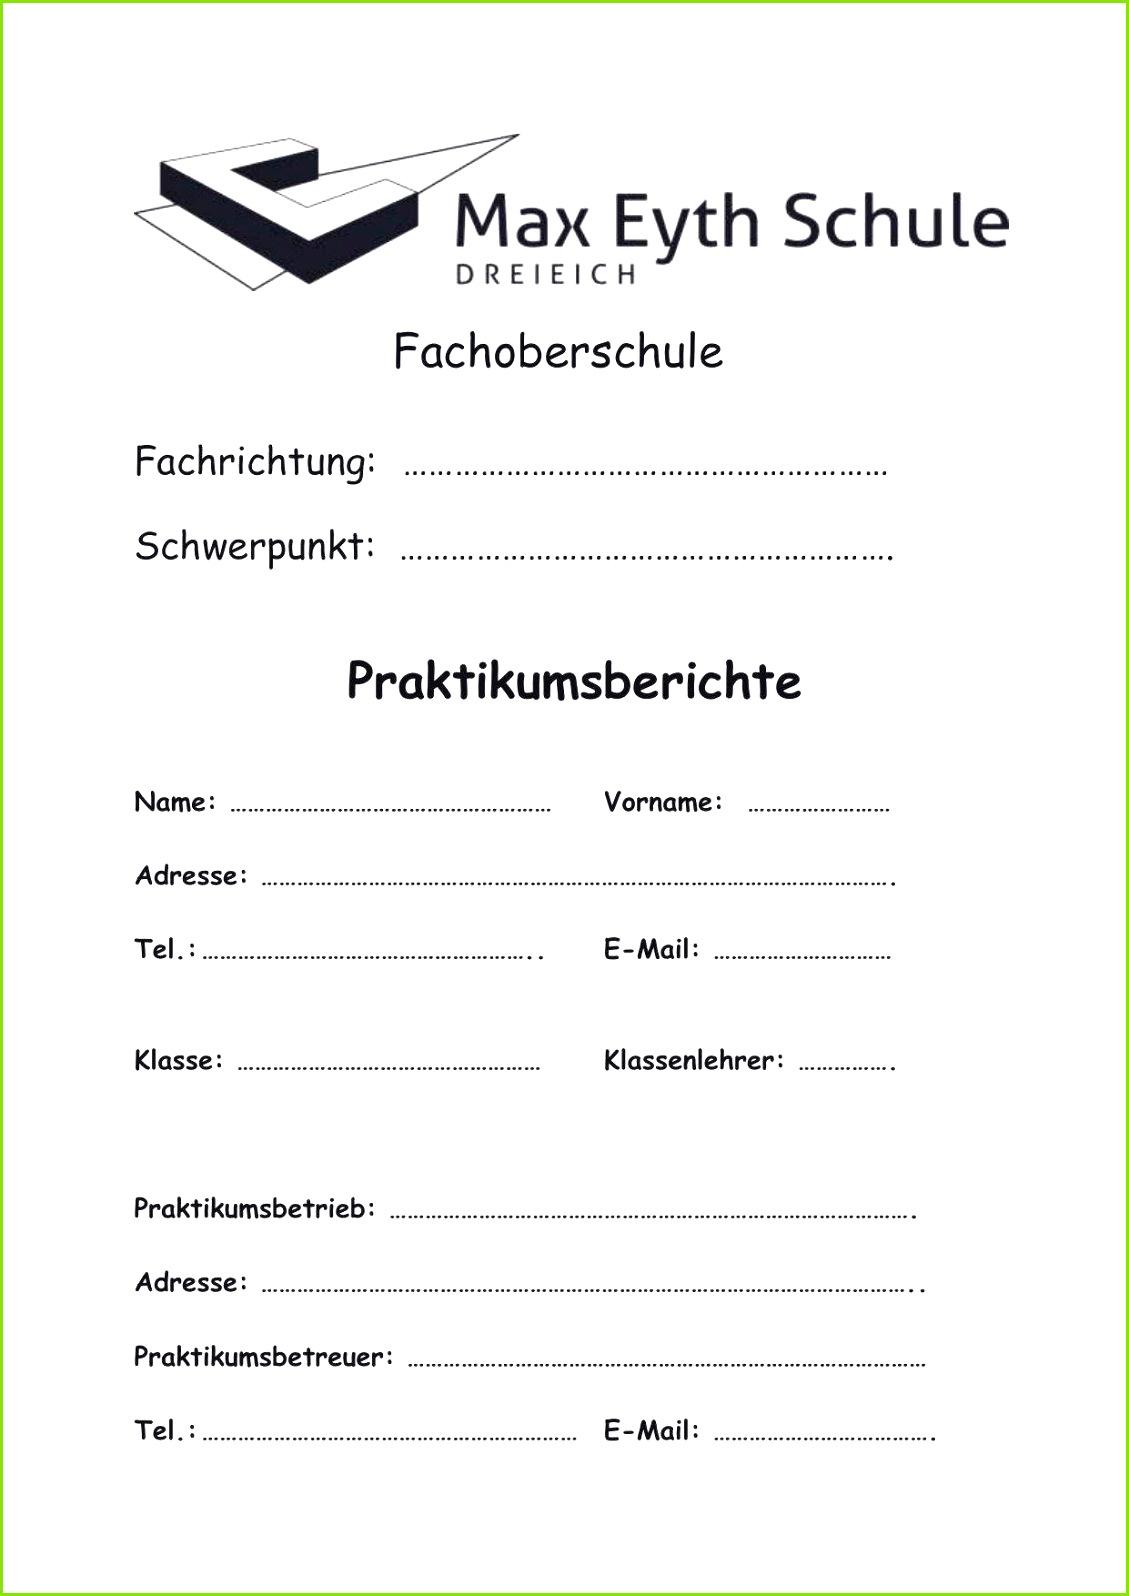 Deckblatt Für Praktikumsmappe Frisches Praktikumsmappe Deckblatt Vorlage Word